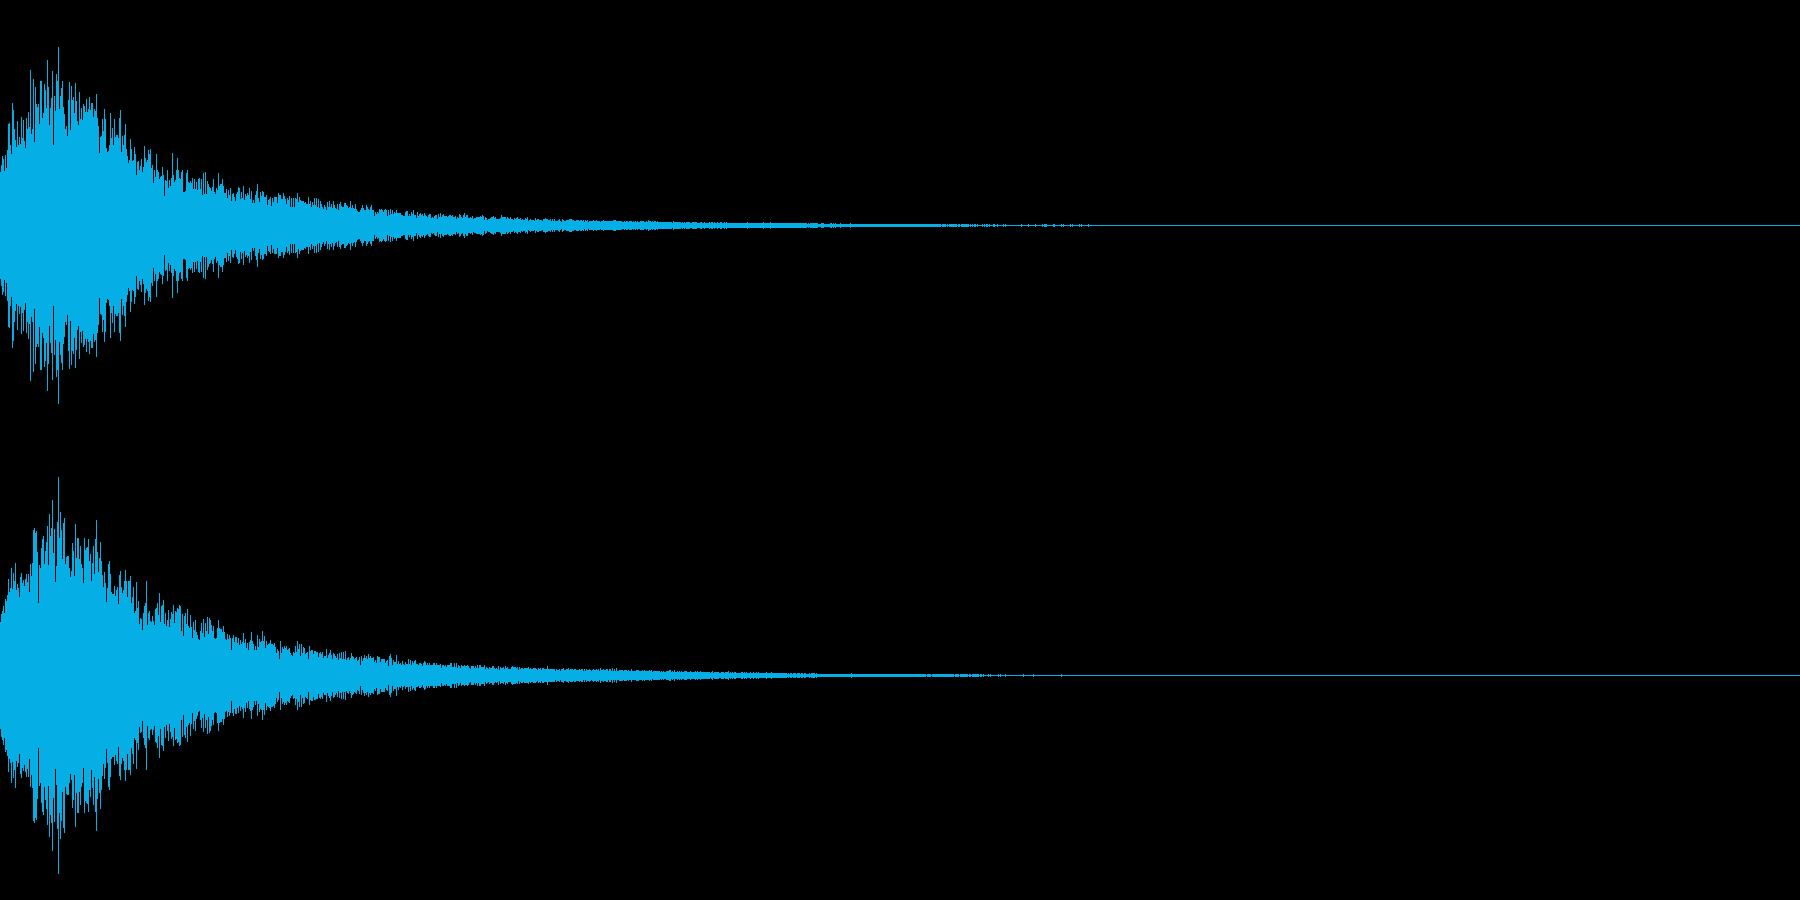 魔法シャキン☆(輝き,魔法ステッキ)33の再生済みの波形